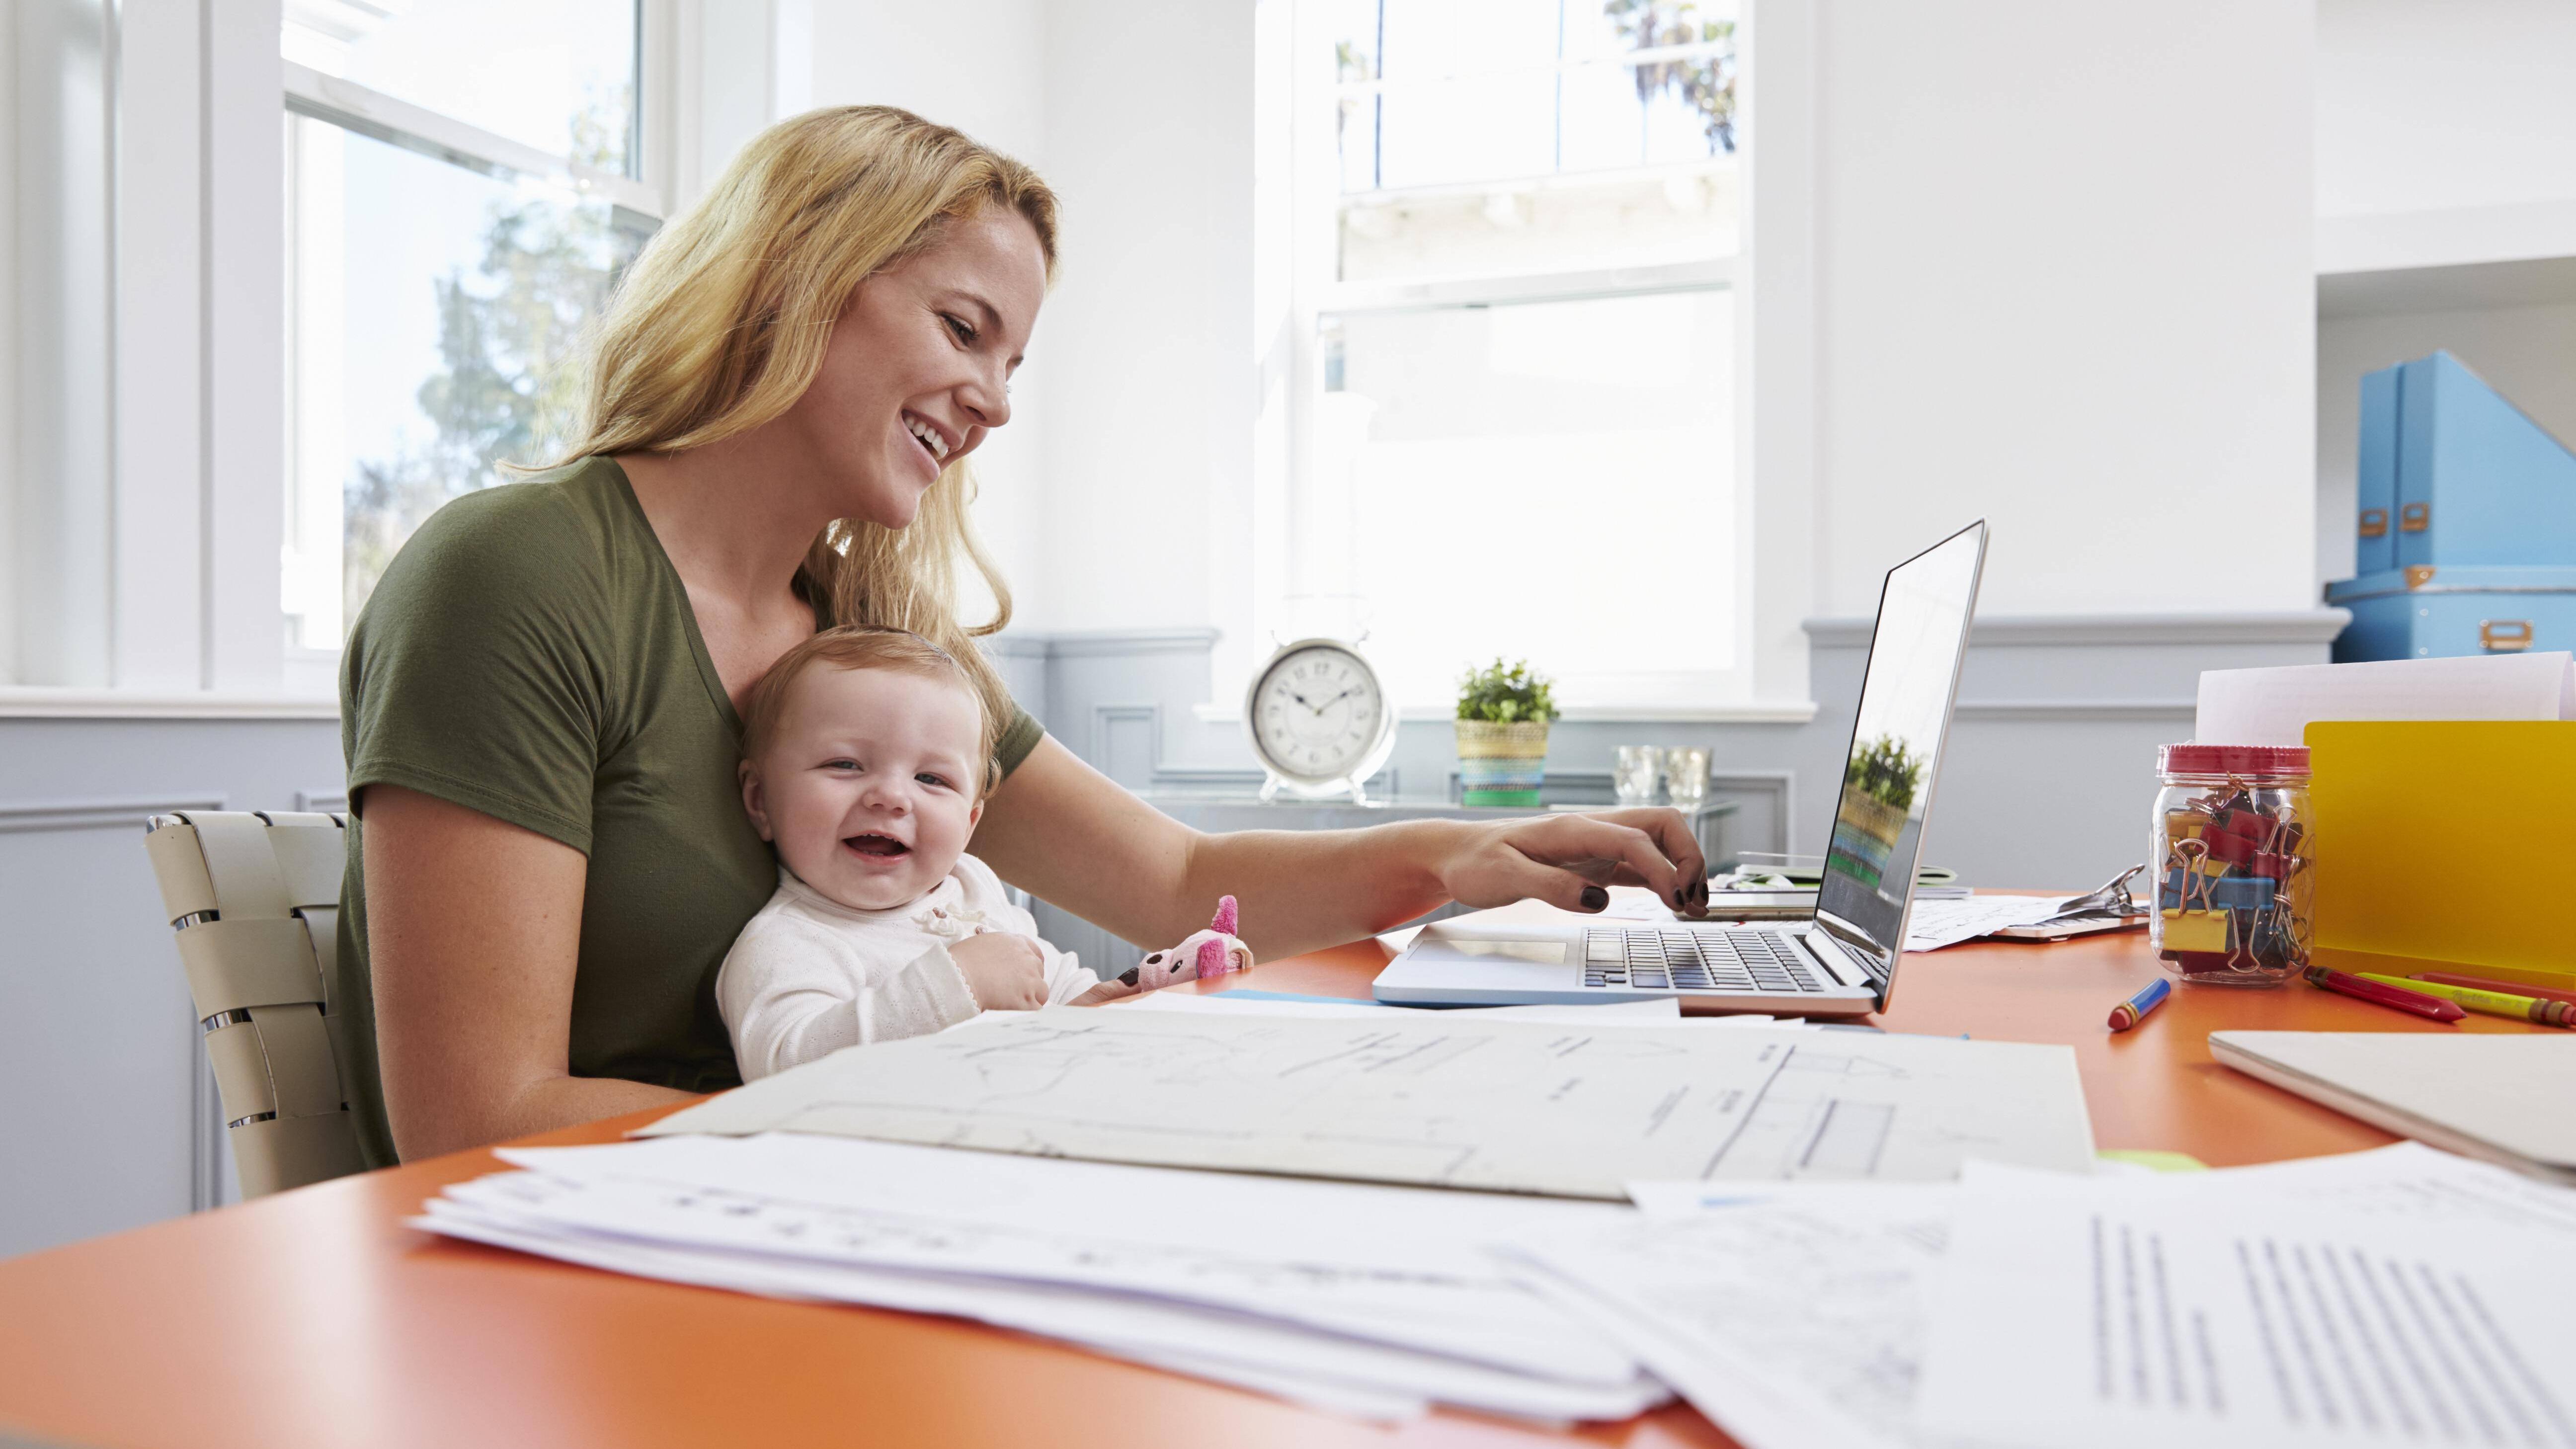 Kind und Karriere bekommen Sie mit der richtigen Planung und etwas Gelassenheit unter einen Hut.